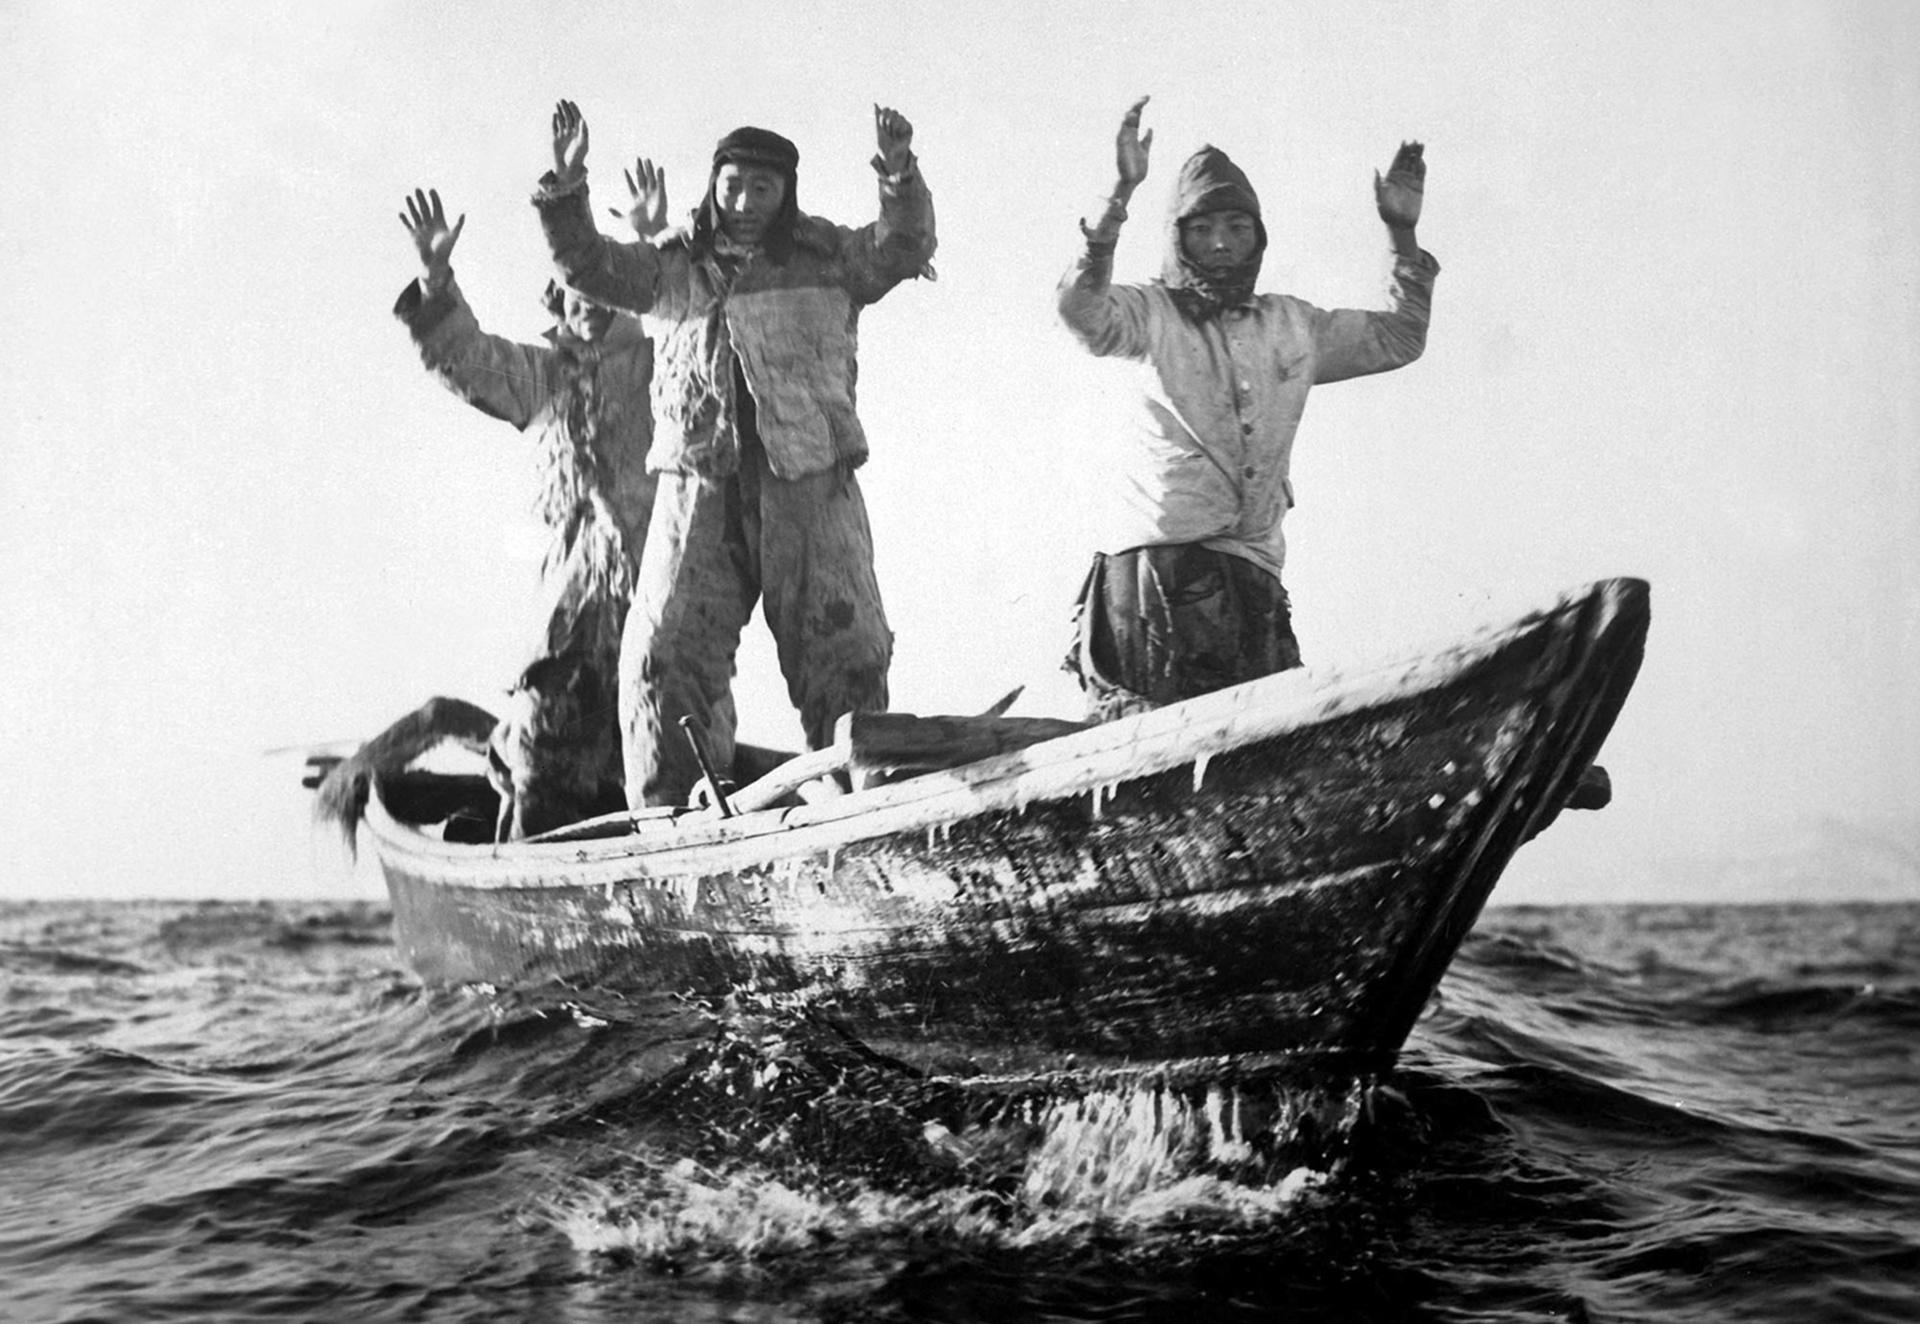 Tres comunistas coreanos en un barco de pesca son capturados por el USS Manchester frente a la costa de Corea el 10 de mayo de 1951 (Navy)